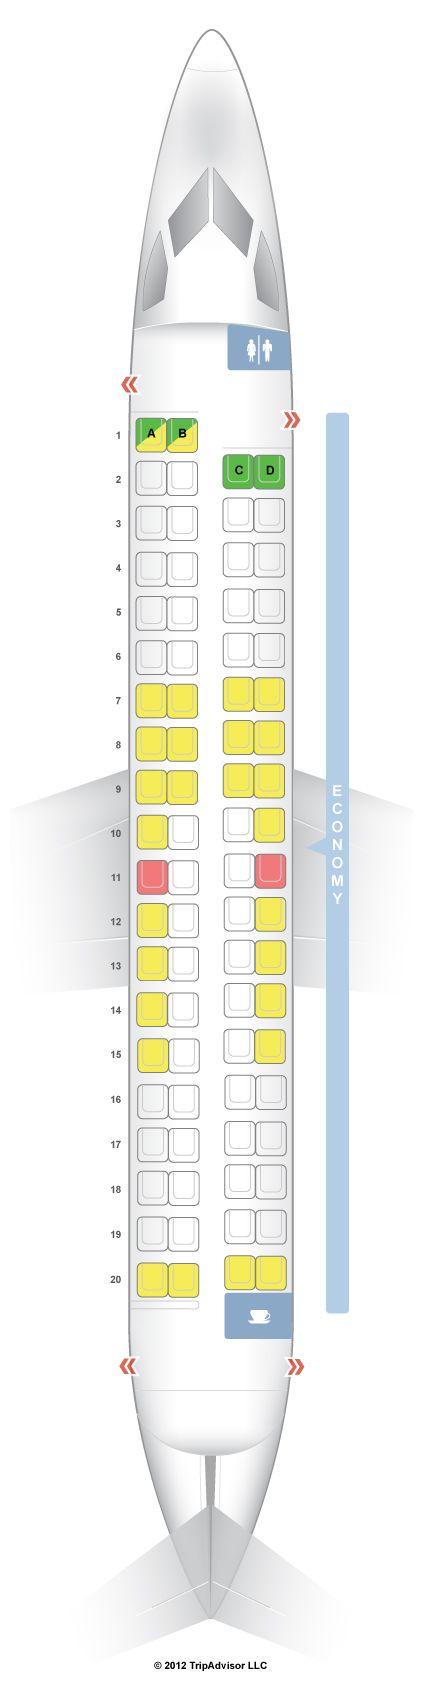 SeatGuru Seat Map WestJet Bombardier Q400 - SeatGuru